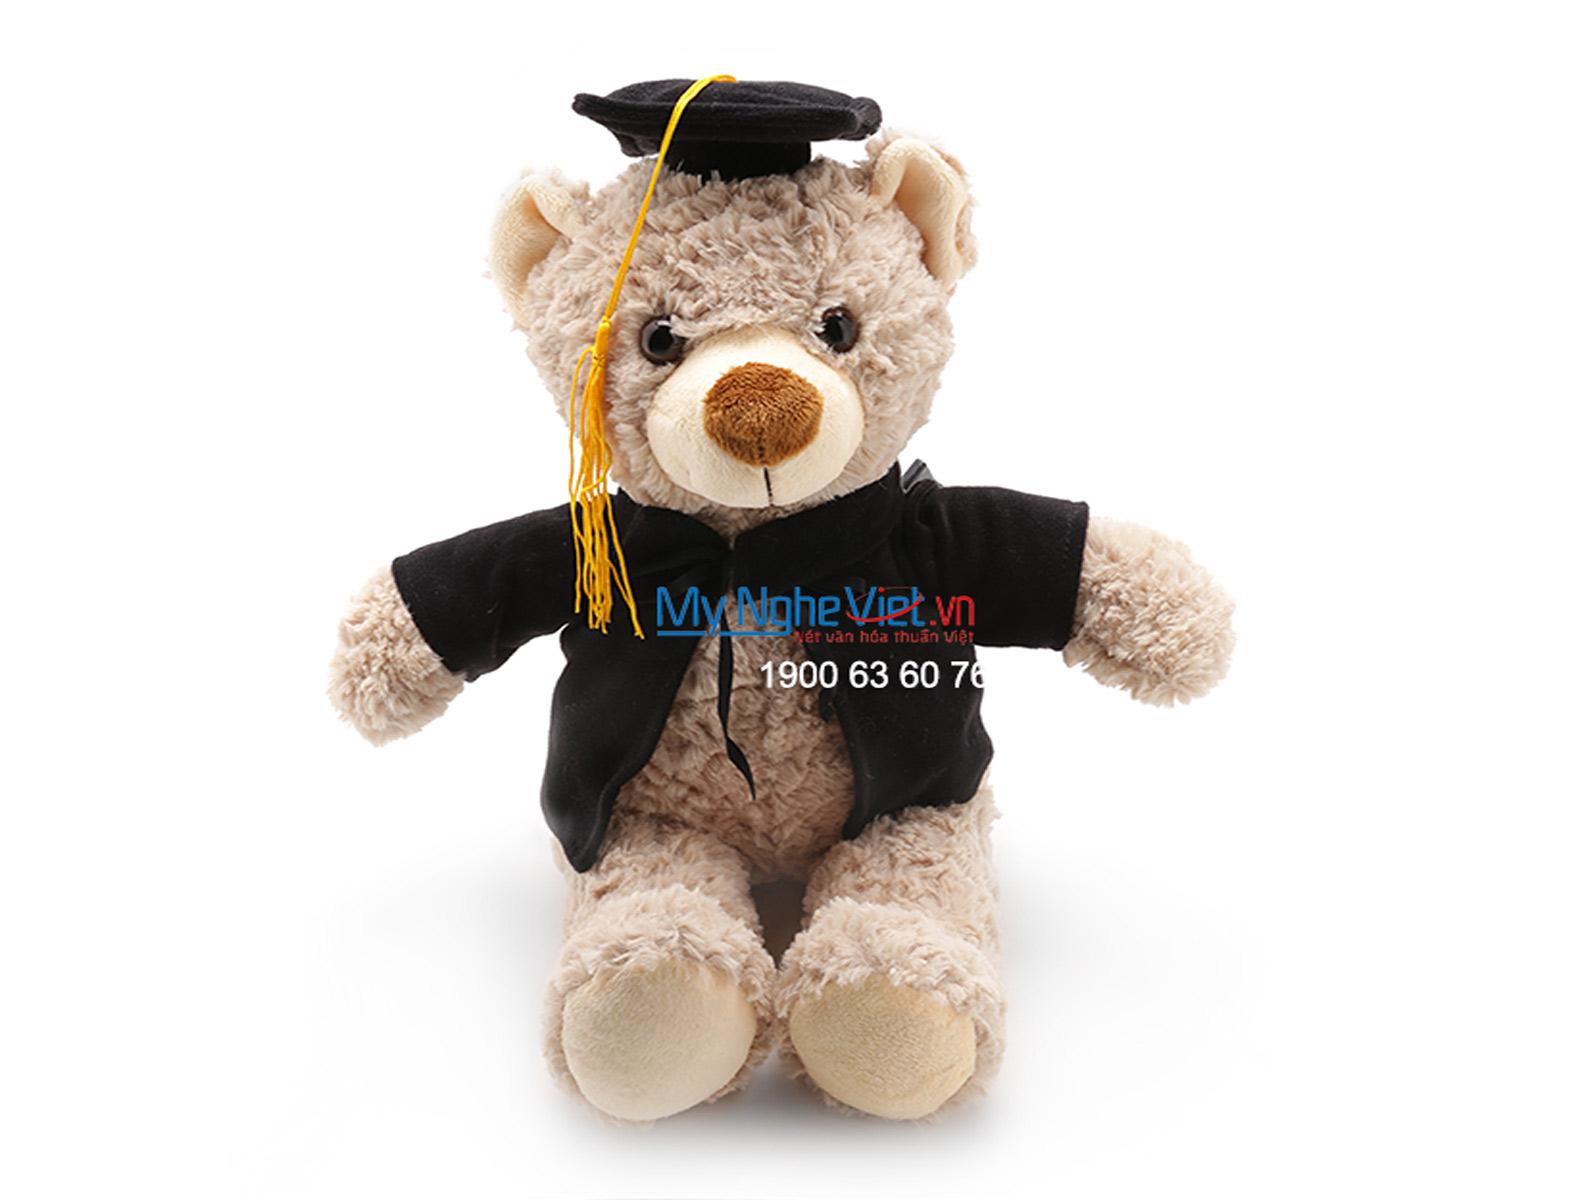 Gấu tốt nghiệp xám QTN-GBN01